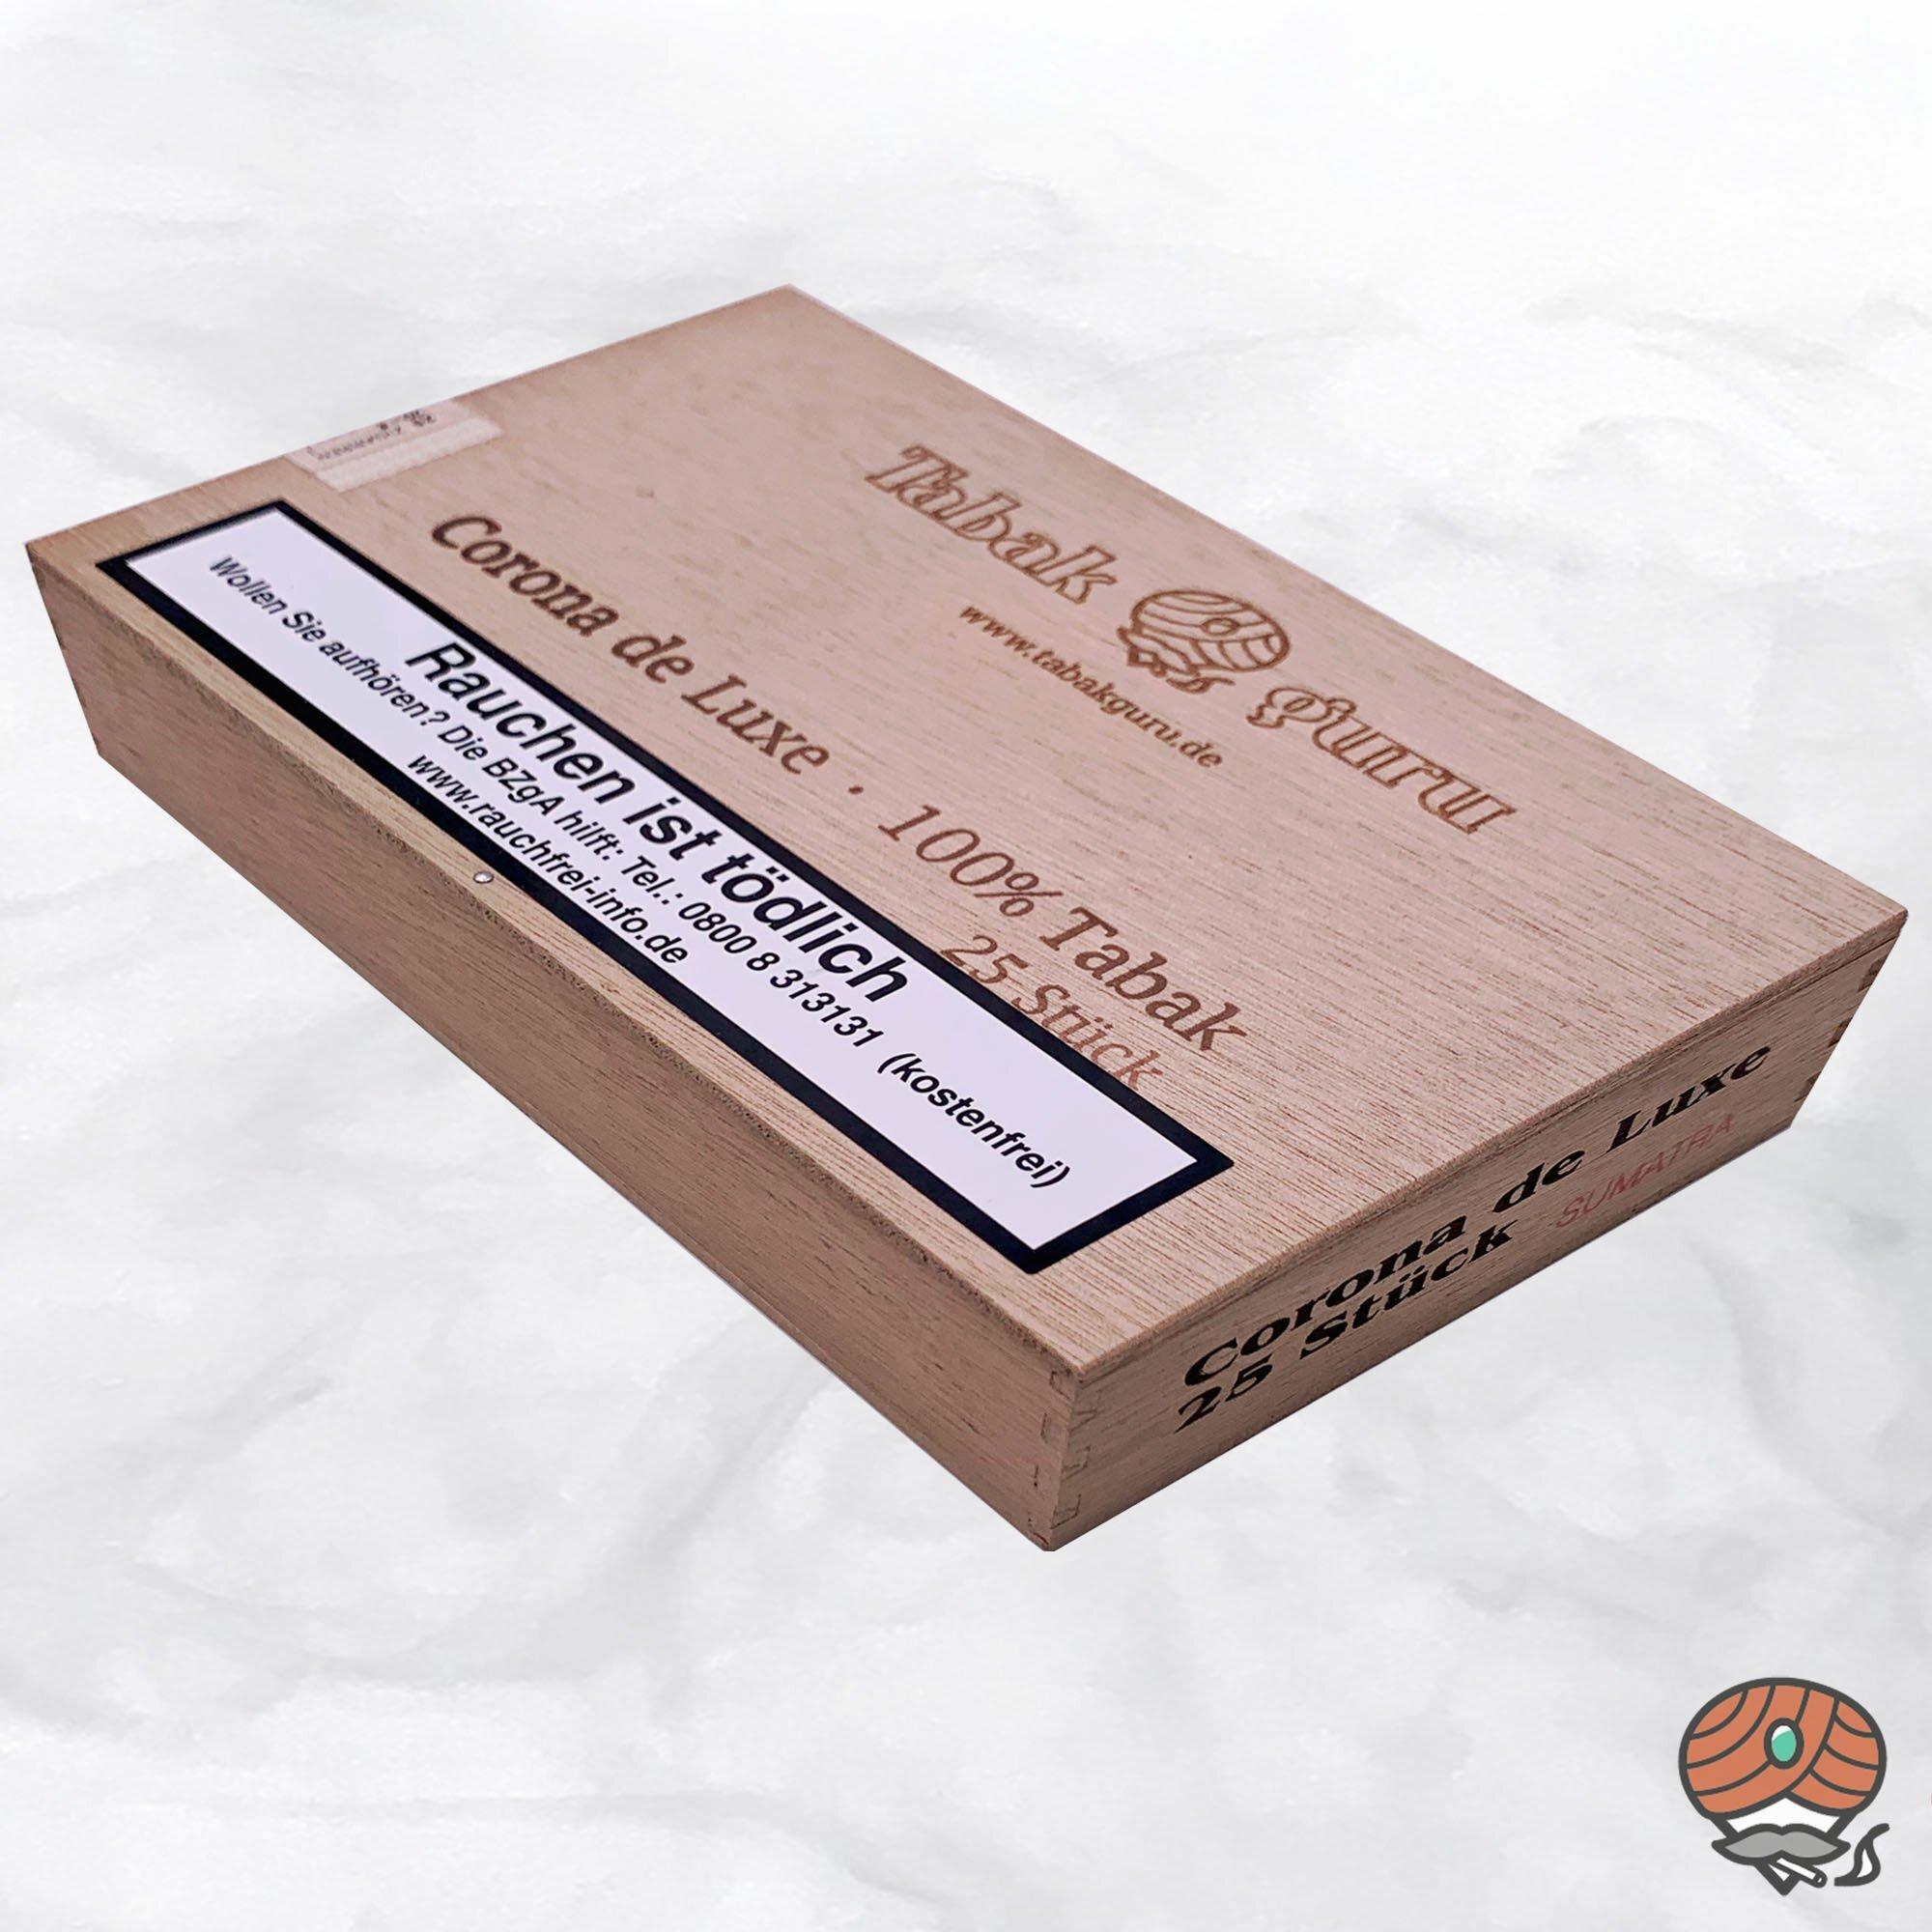 Tabakguru 25 Corona de Luxe Sumatra 100% Tabak Zigarren